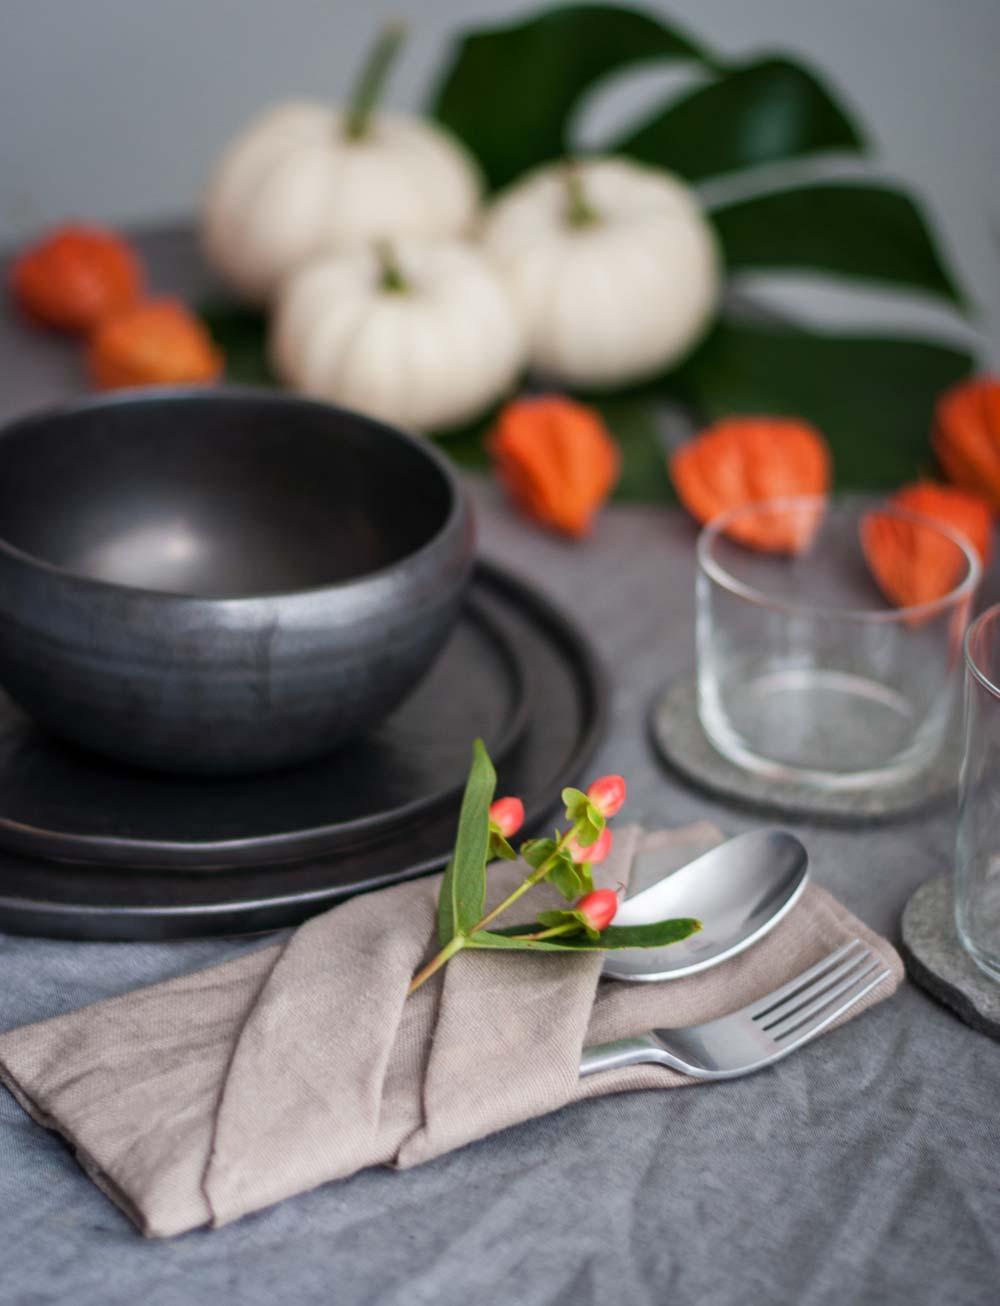 Herbstliche Tischdeko in grau und orange. Bestecktasche Serviette. hamburgvoninnen.de